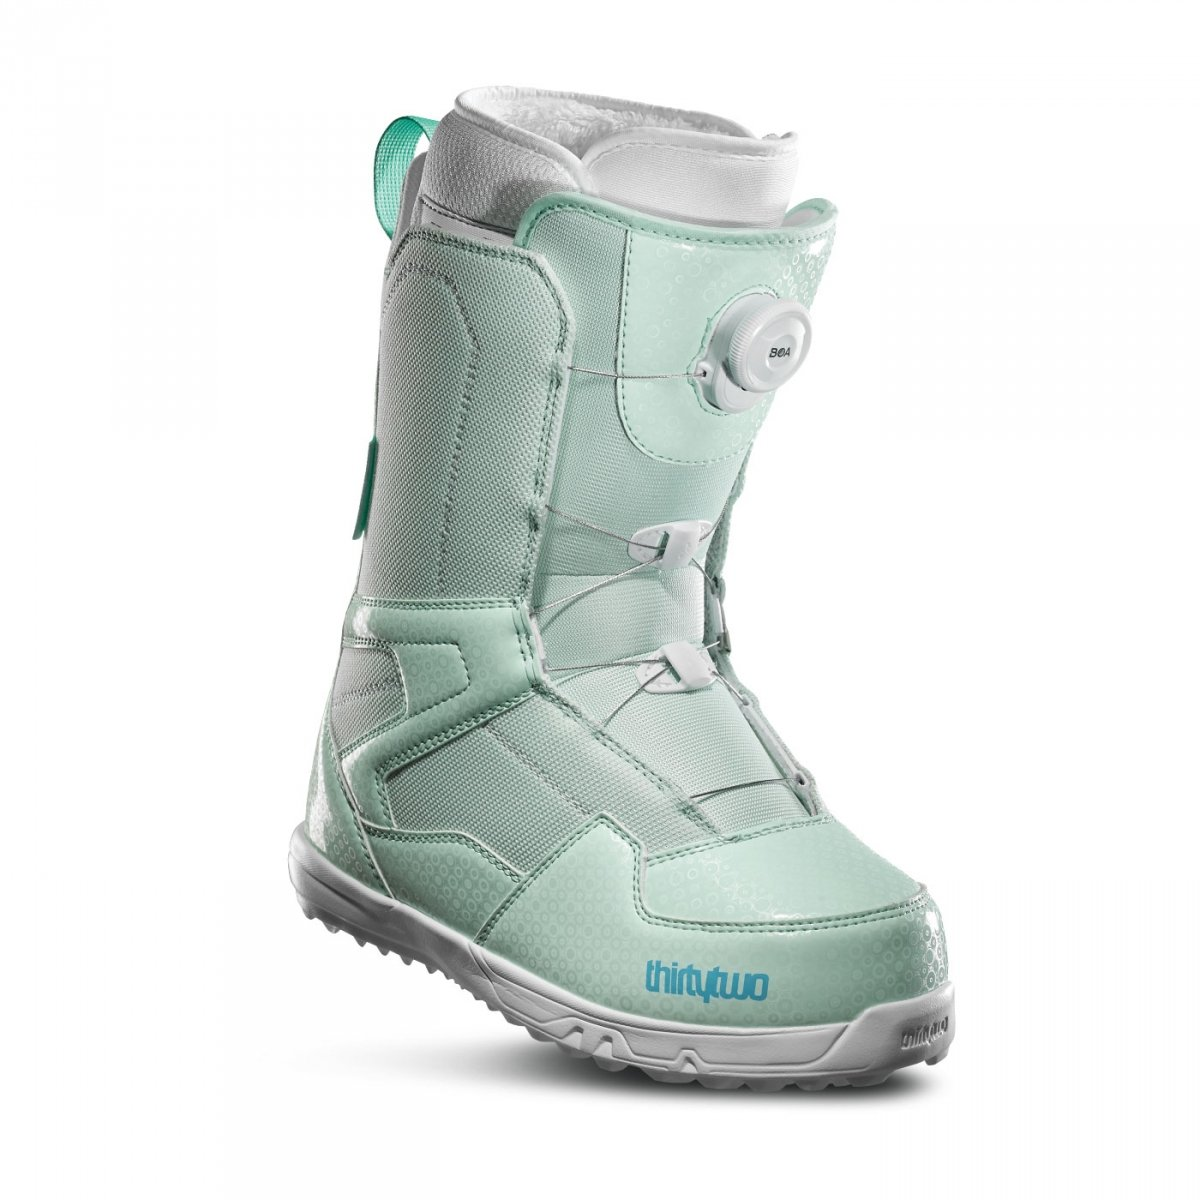 Thirtytwo Shifty Boa Wmn Mint 2020 Damskie Buty Snowboardowe Z Boa